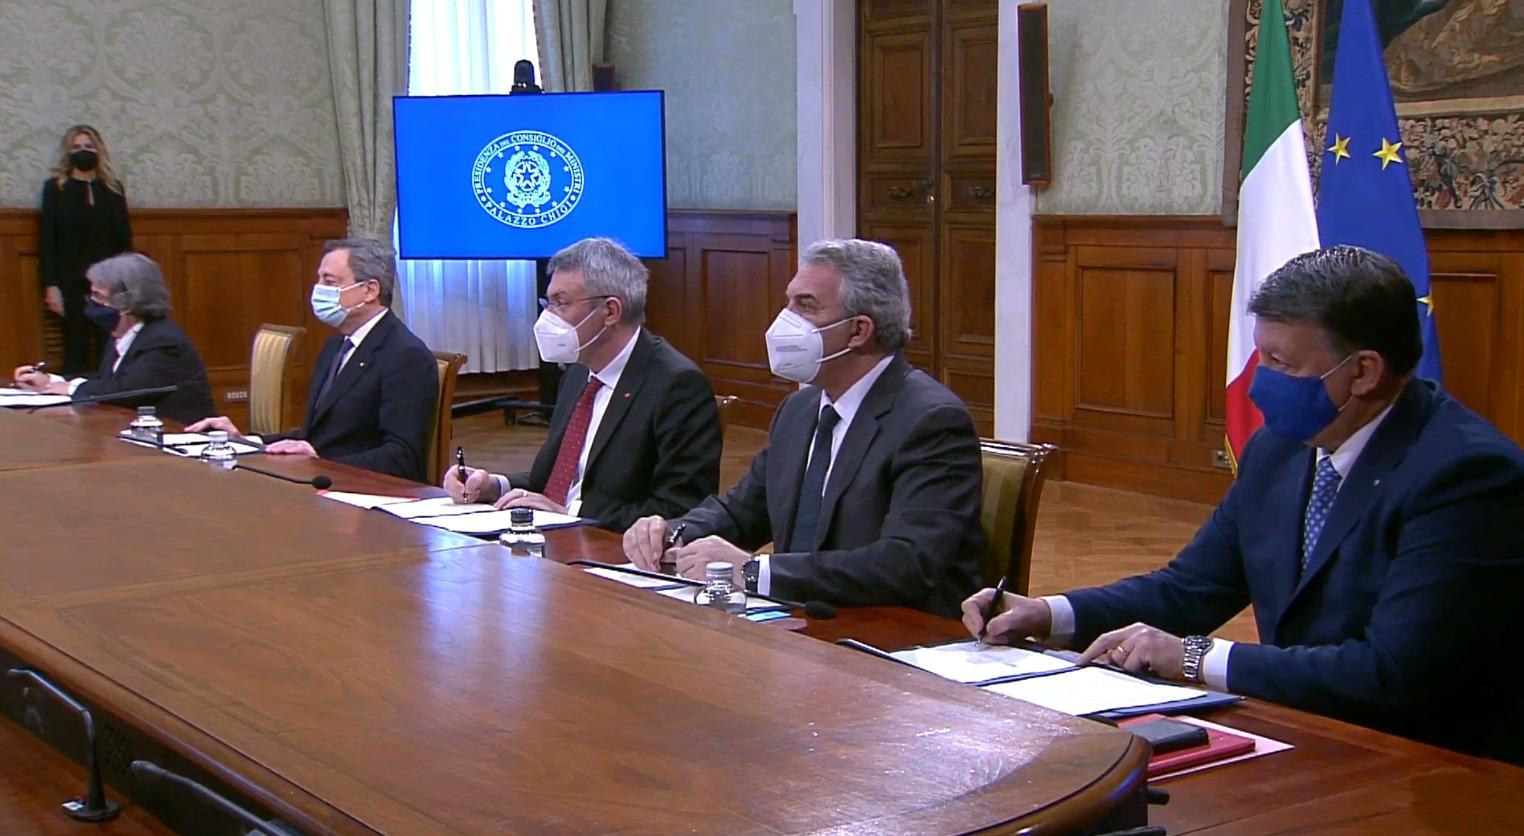 P.A. Firmato il Patto per l'Innovazione del lavoro pubblico e la coesione sociale.Uil: primo importante passo per far ripartire il Paese